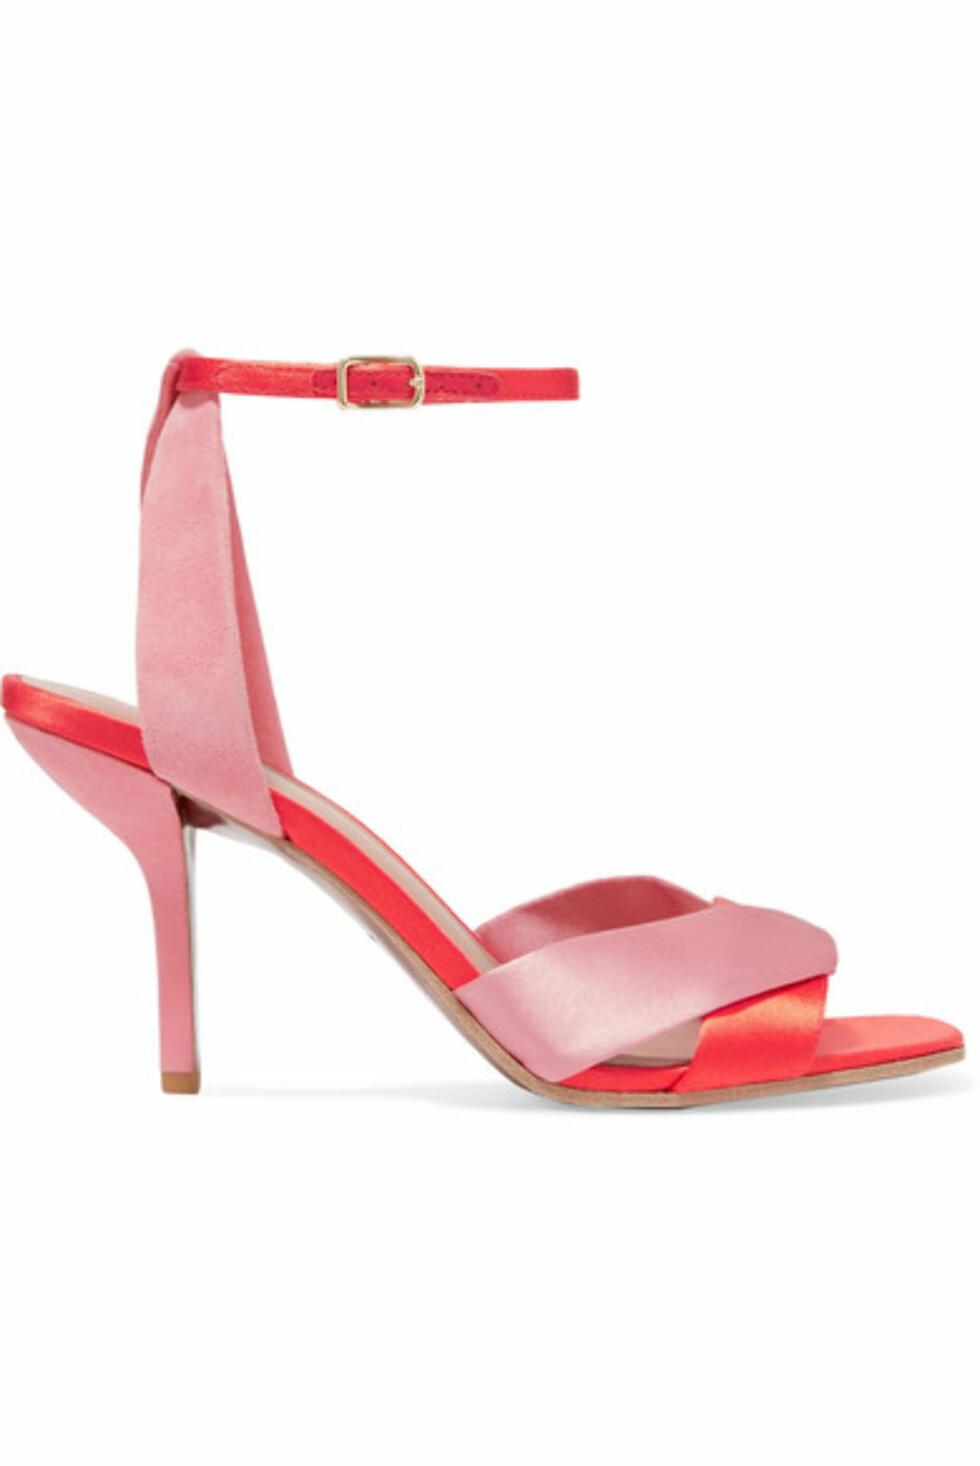 Sko fra Diane von Furstenberg |1677,-| https://www.net-a-porter.com/no/en/product/1038845/diane_von_furstenberg/fiona-satin-and-suede-sandals